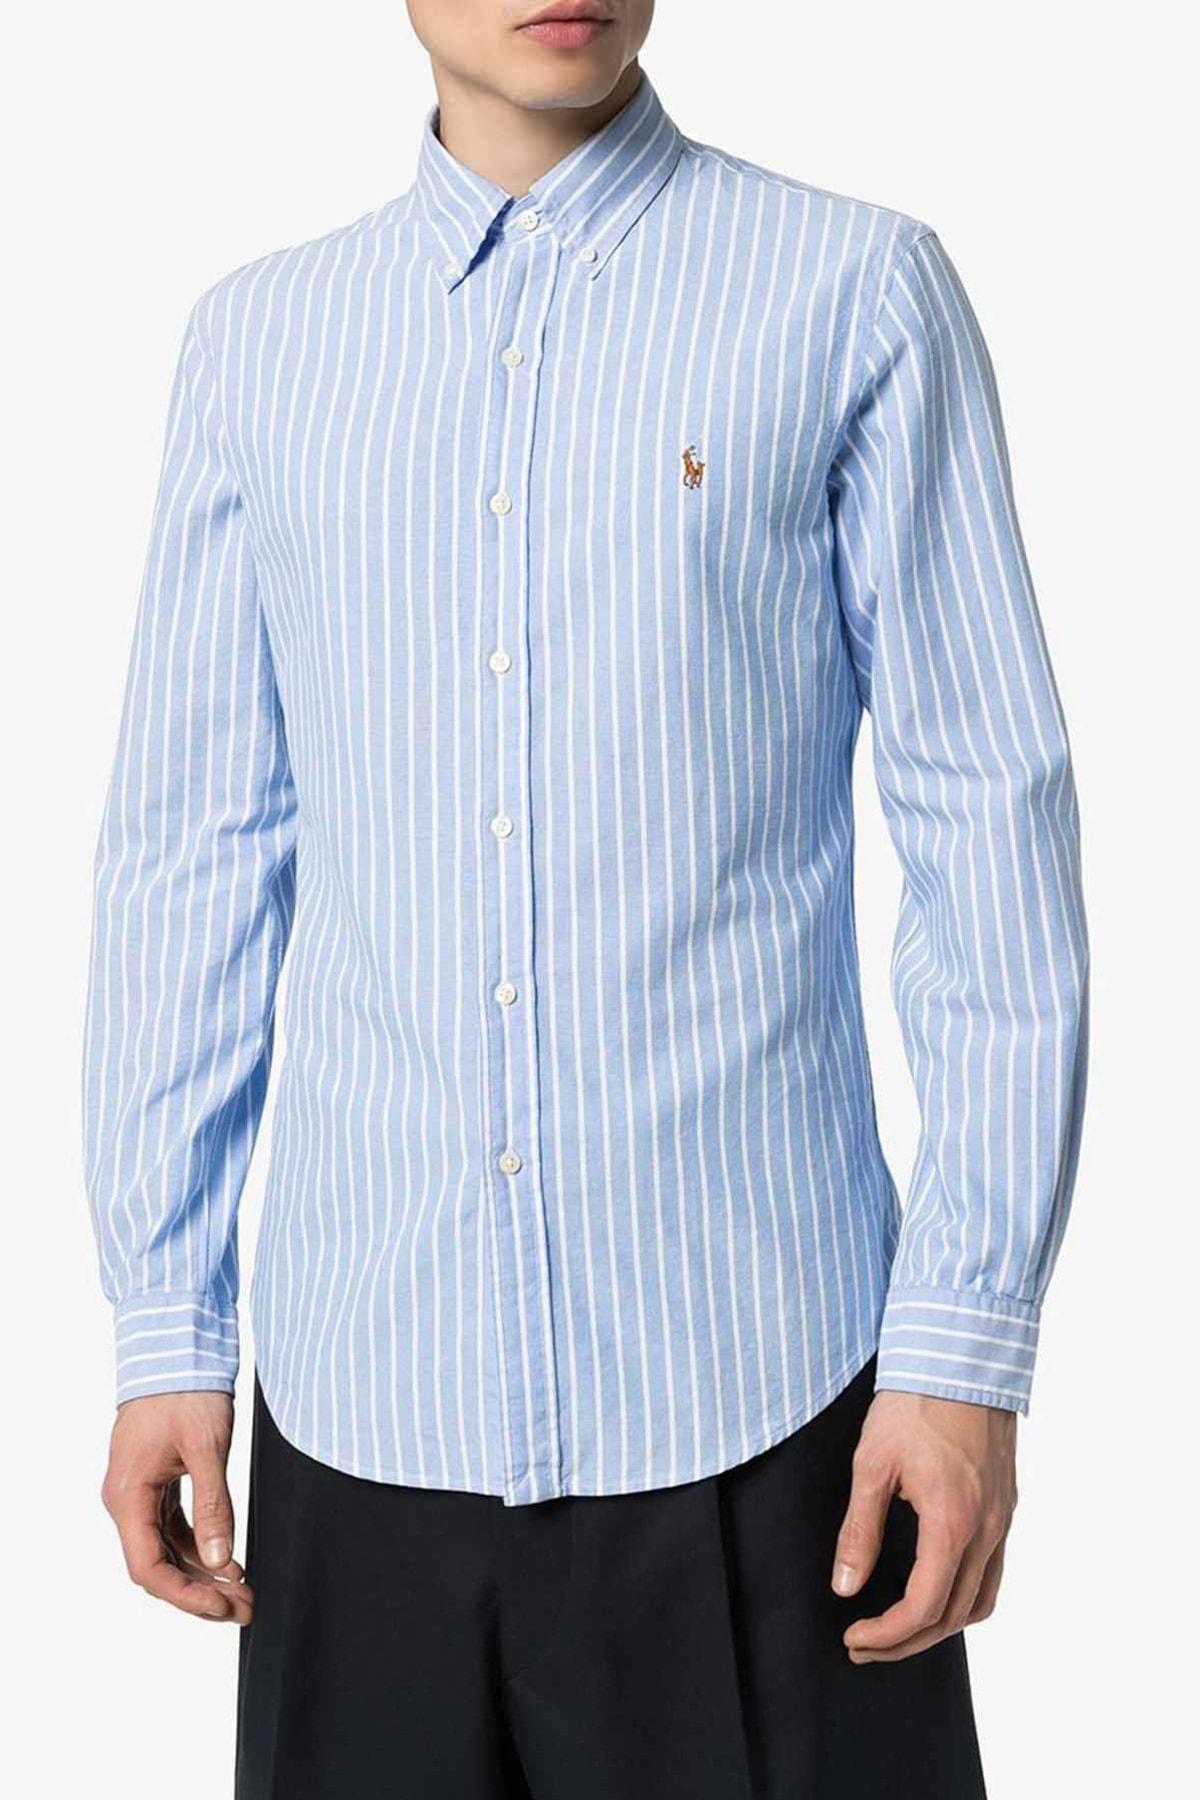 Polo Ralph Lauren Erkek Mavi Gömlek 4483975217204 2